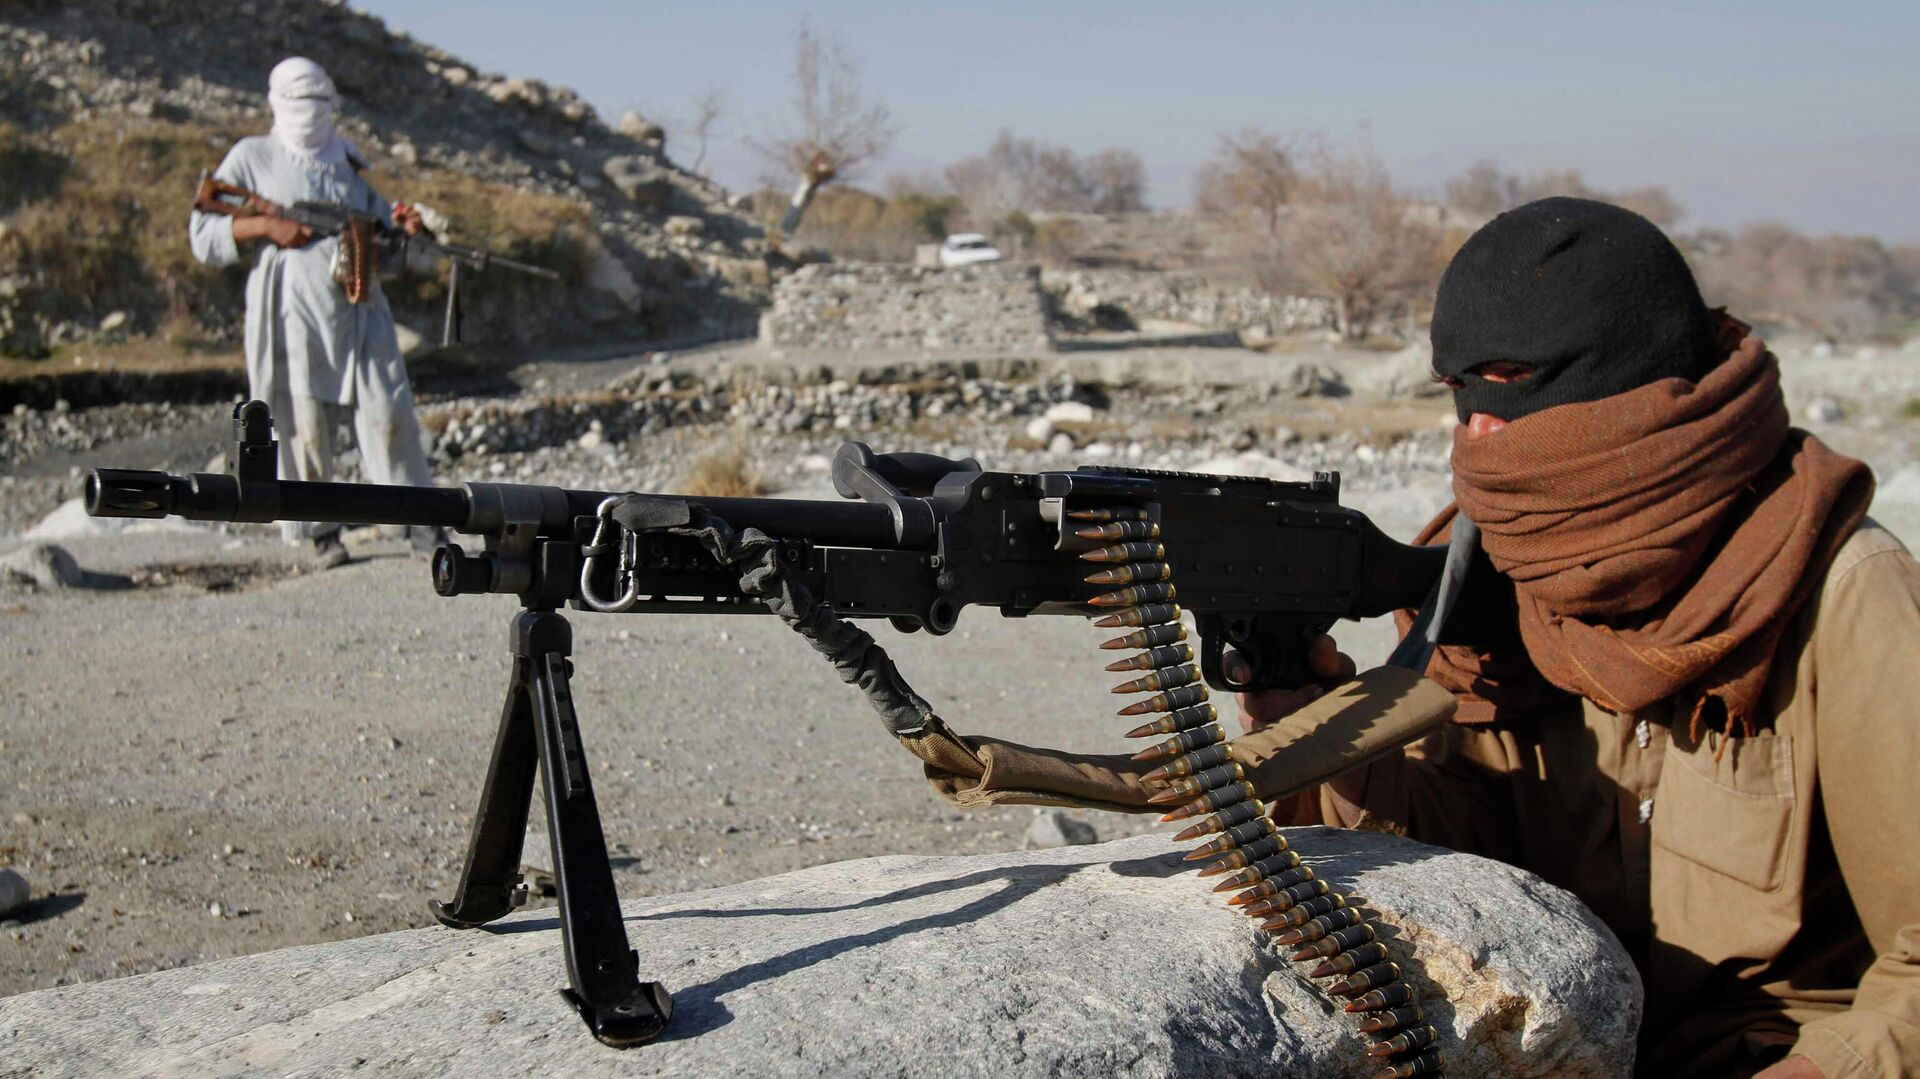 Bojovníci radikálního hnutí Tálibán v Afghánistánu - Sputnik Česká republika, 1920, 09.06.2021